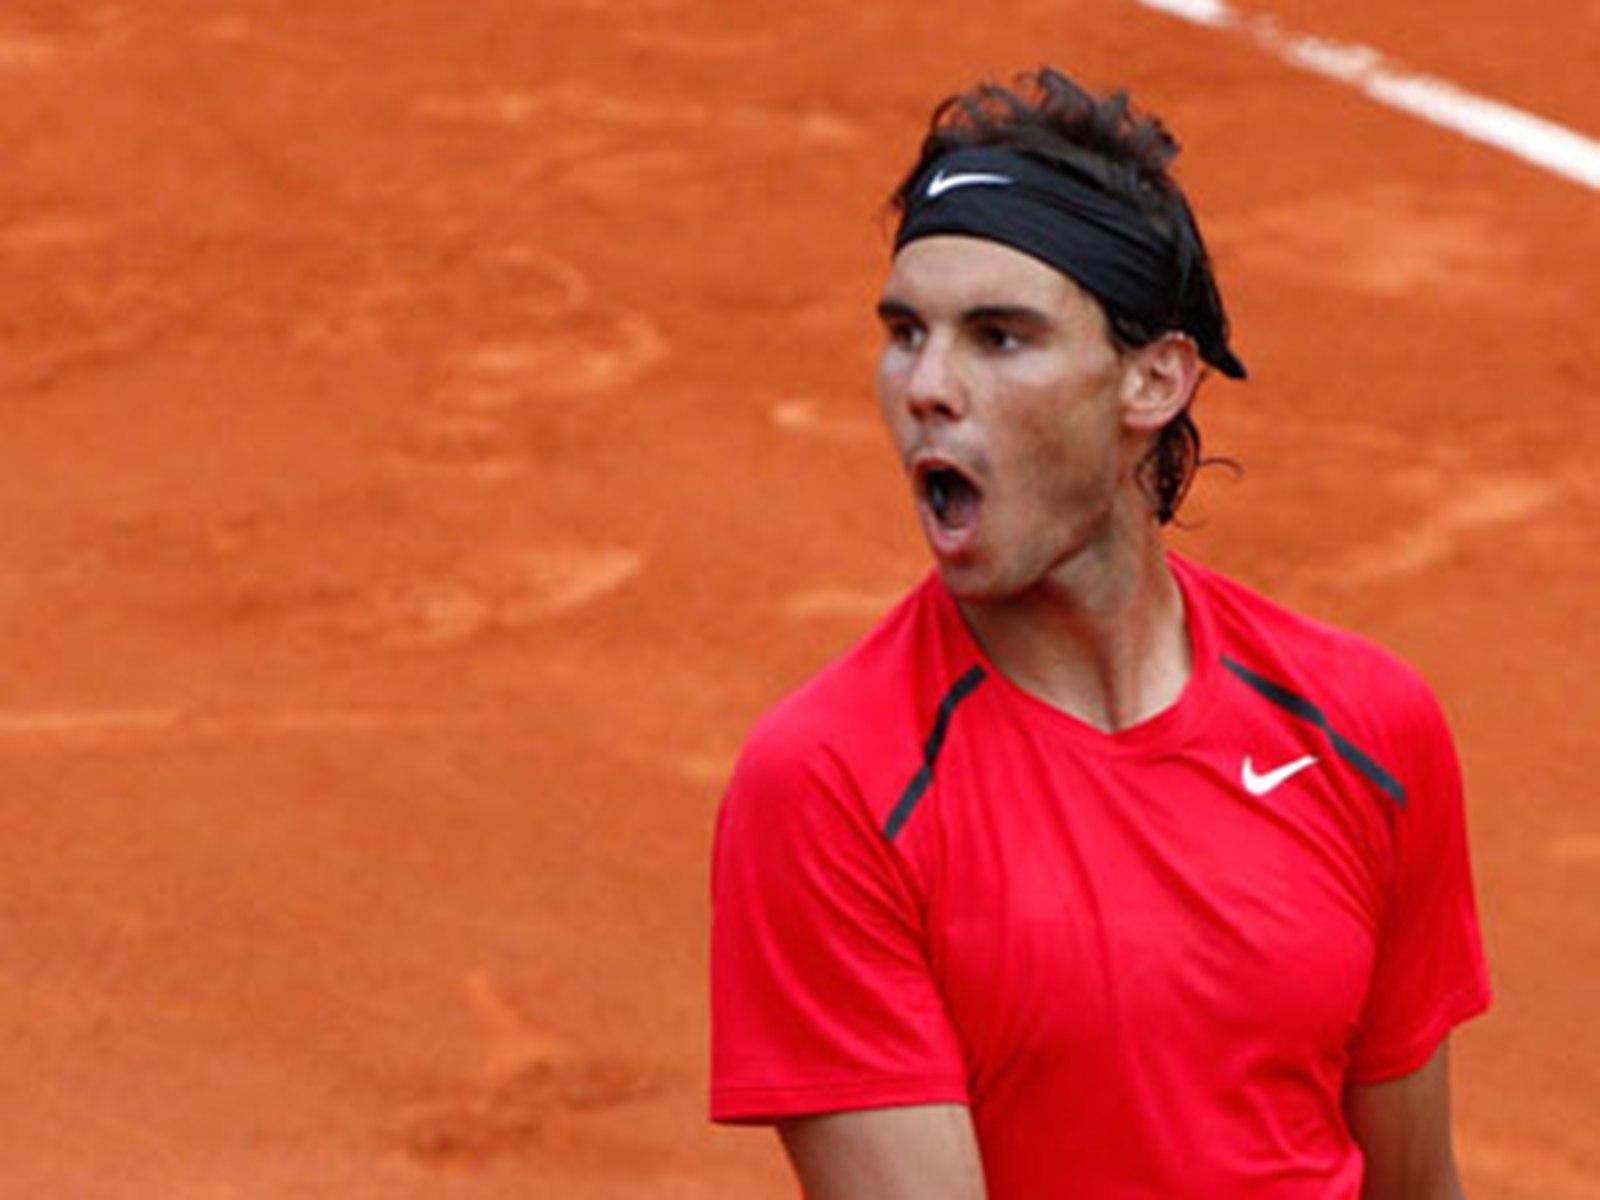 Rafael Nadal Image: Rafael Nadal Images Hottest Photo Of Rafael Nadal HD